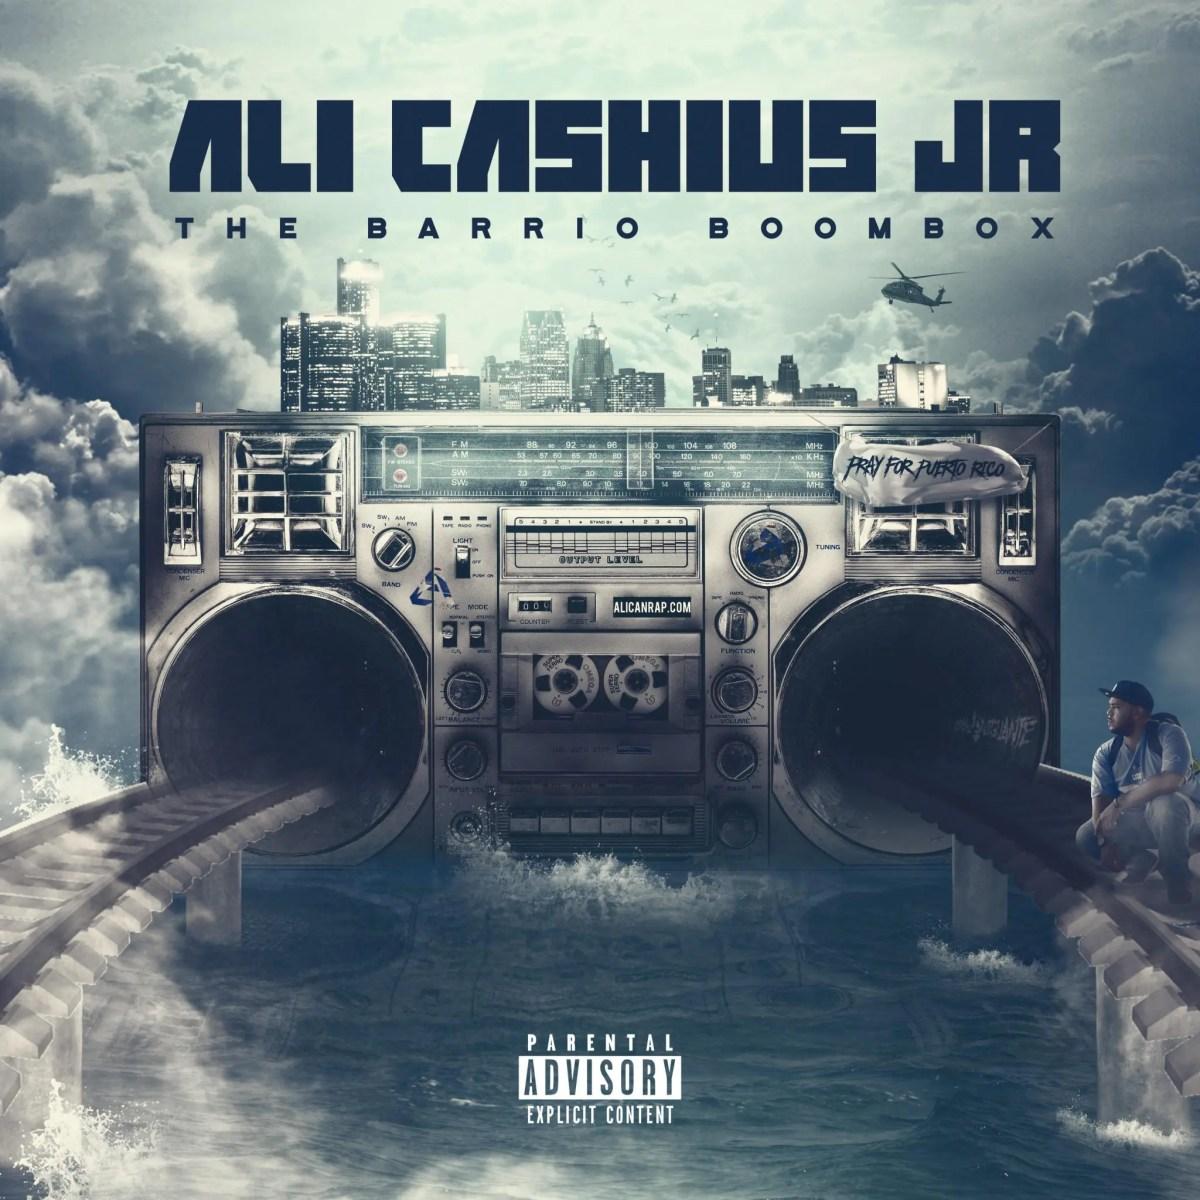 """Ali Cashius Jr - """"The Barrio Boombox"""" (Album)"""